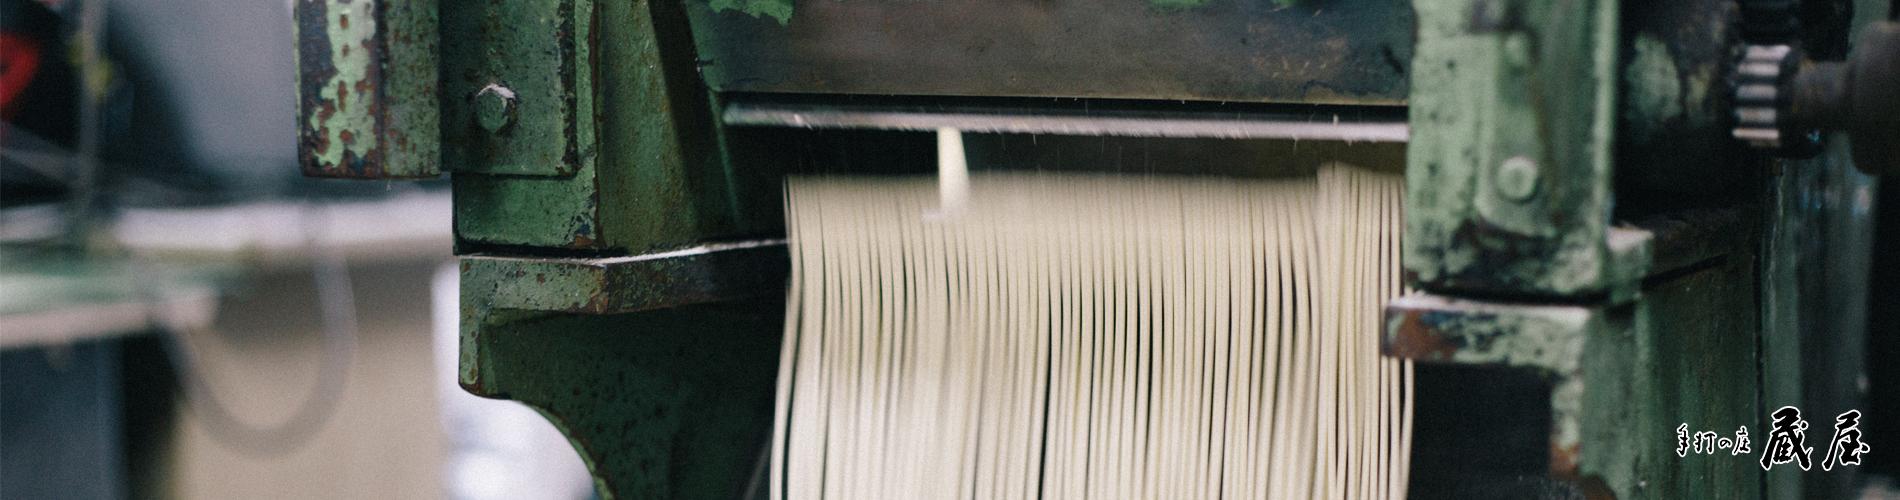 蔵屋製麺所製麺機械